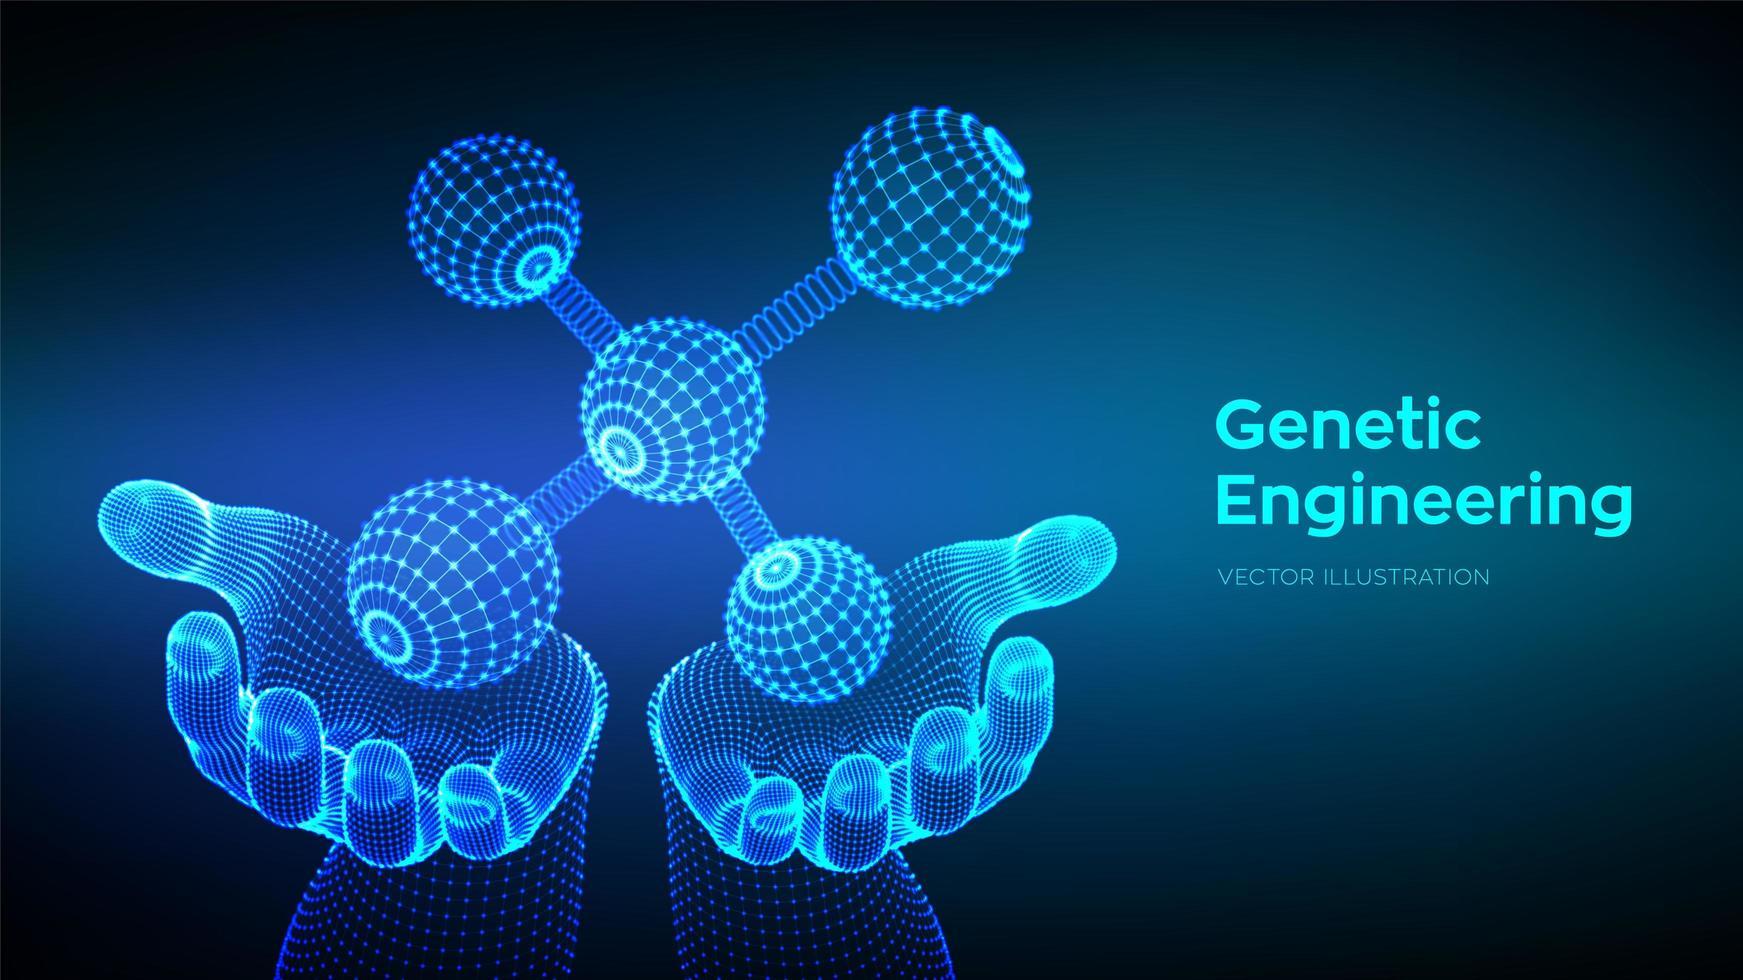 Gentechnik futuristisches Banner vektor